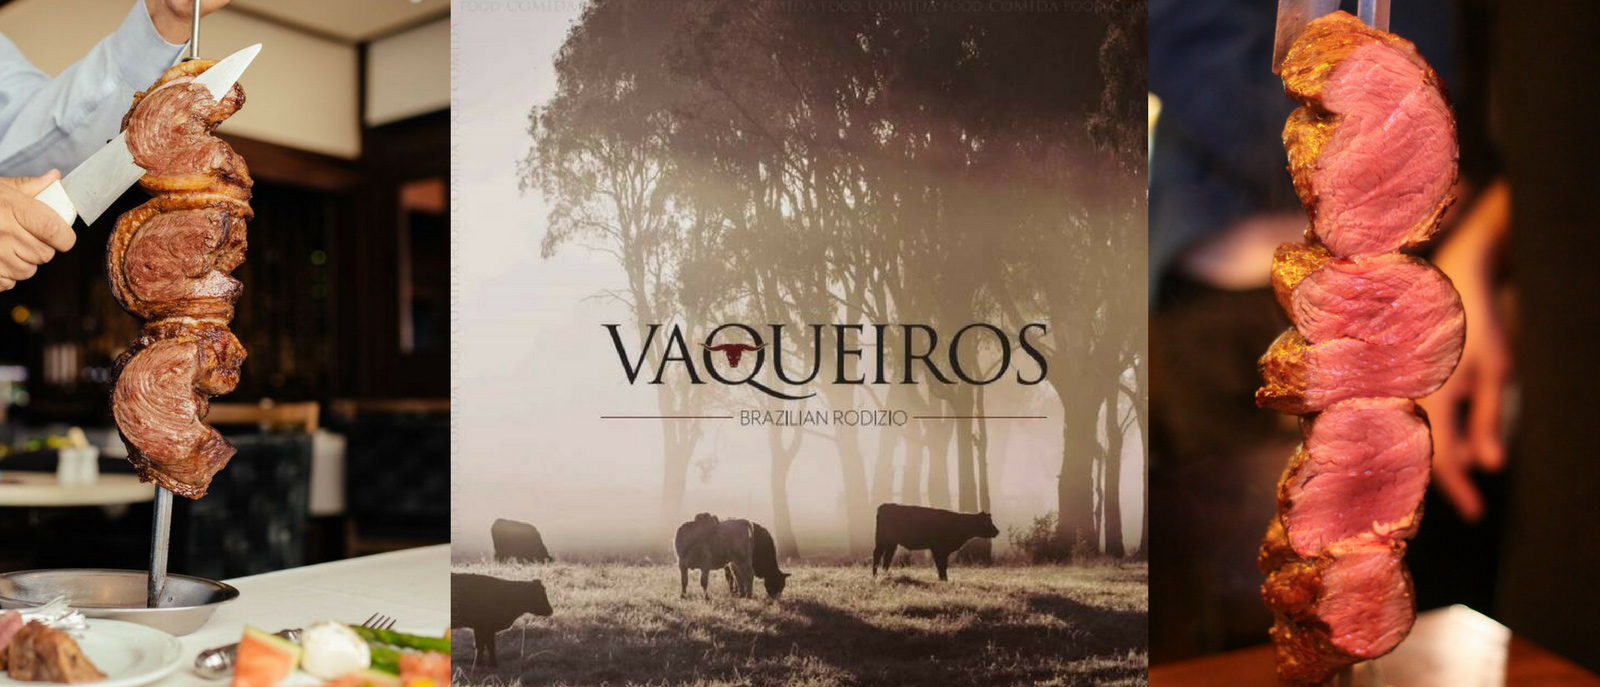 Vaqueiros Brazilian Rodizio